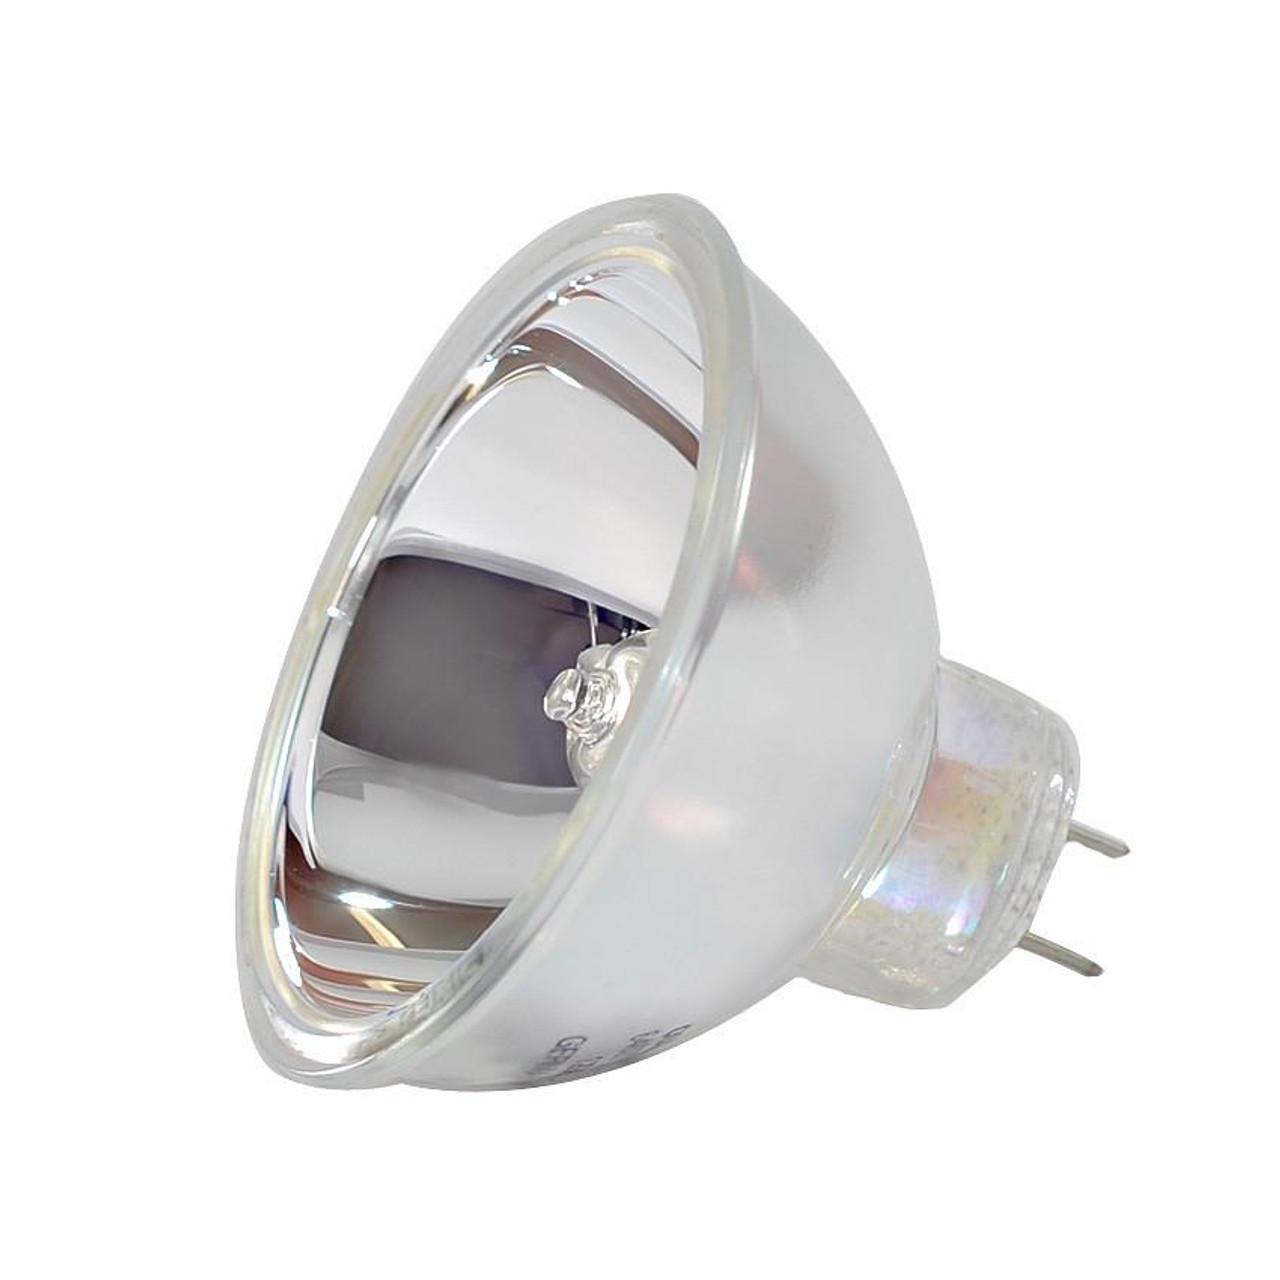 Hanimex - 1000 - INSTADUAL-IQ, 2-RS - INSTADUAL-IQ, SR-9500, SR9500 - 8mm Movie Projector - Replacement Bulb Model- EFP